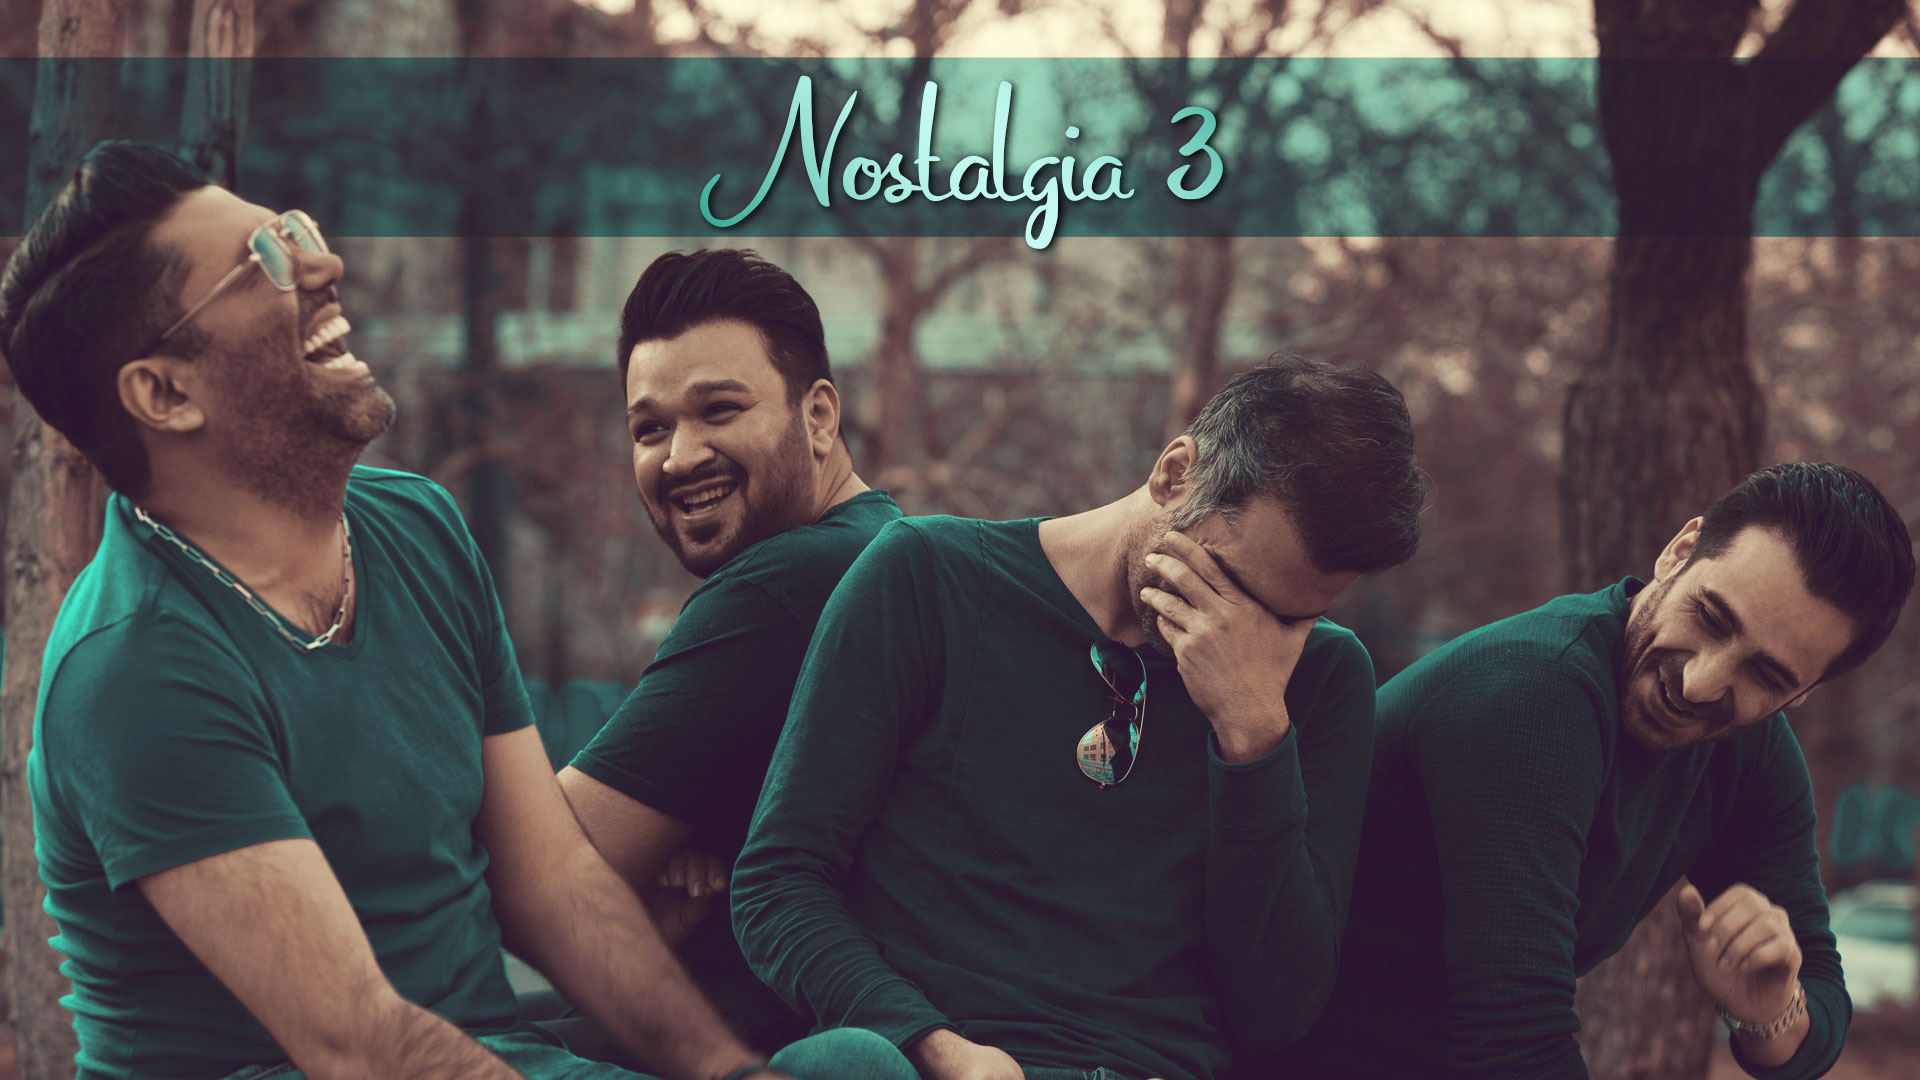 NOSTALGIA 3